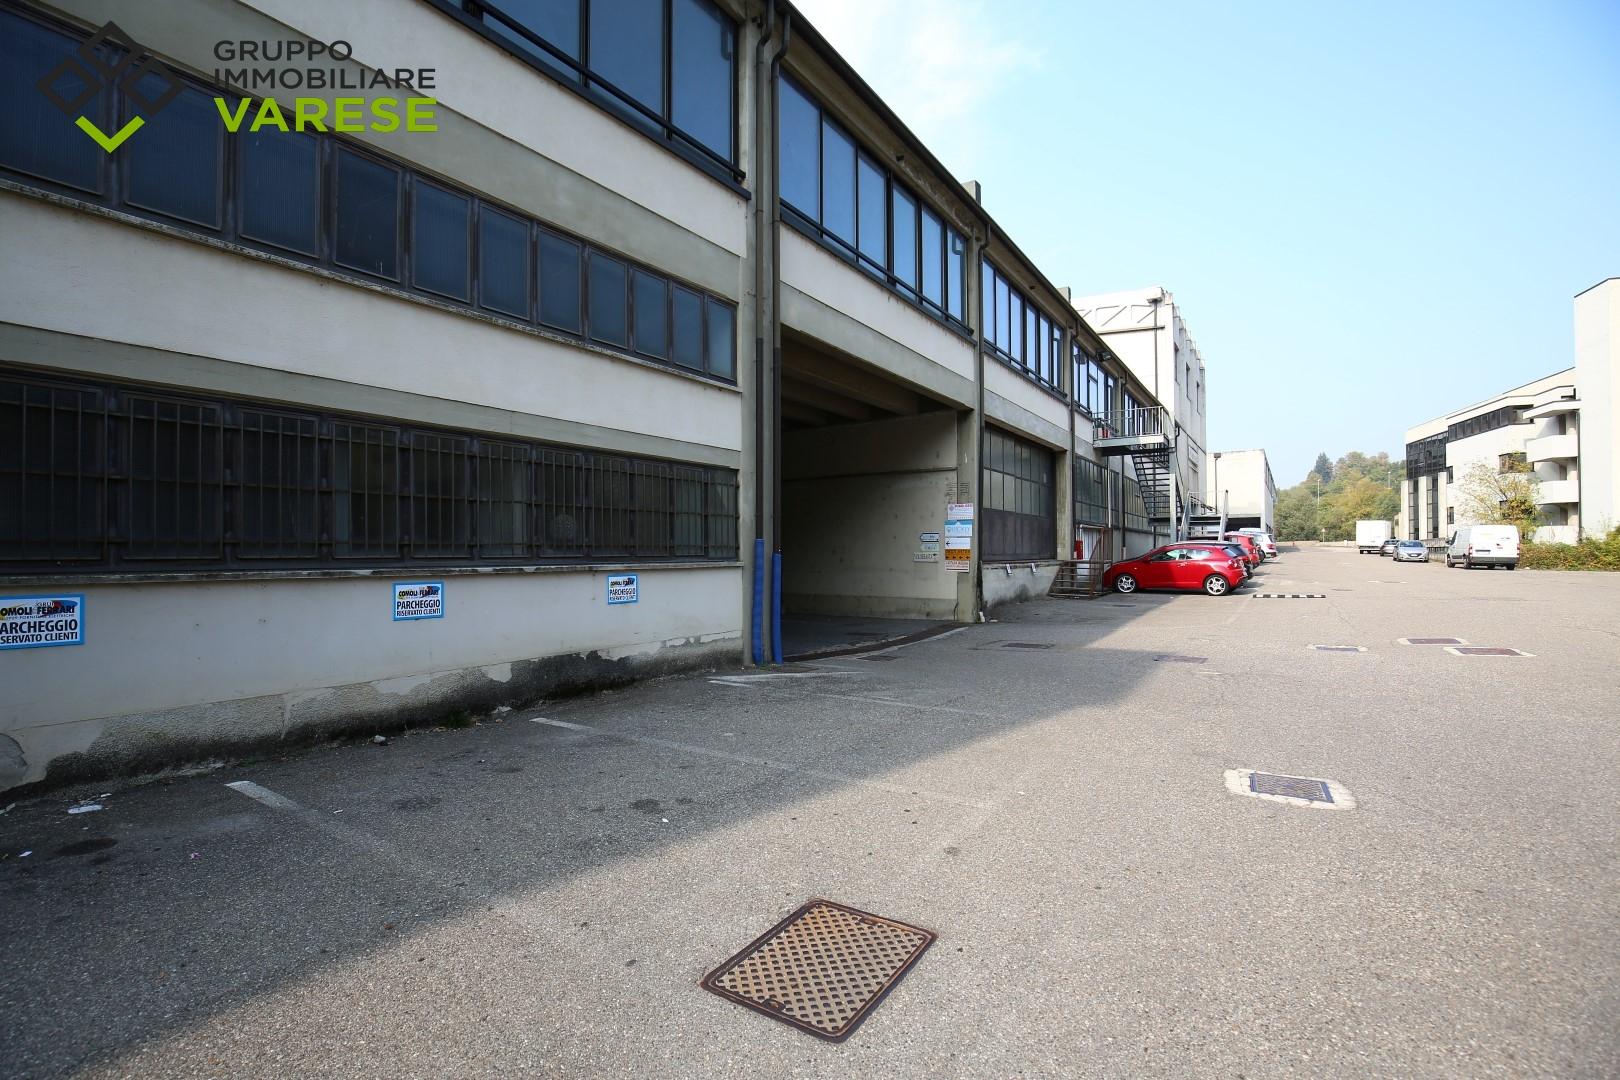 Capannone in affitto a Varese, 9999 locali, zona Località: Belforte, prezzo € 170.000 | CambioCasa.it